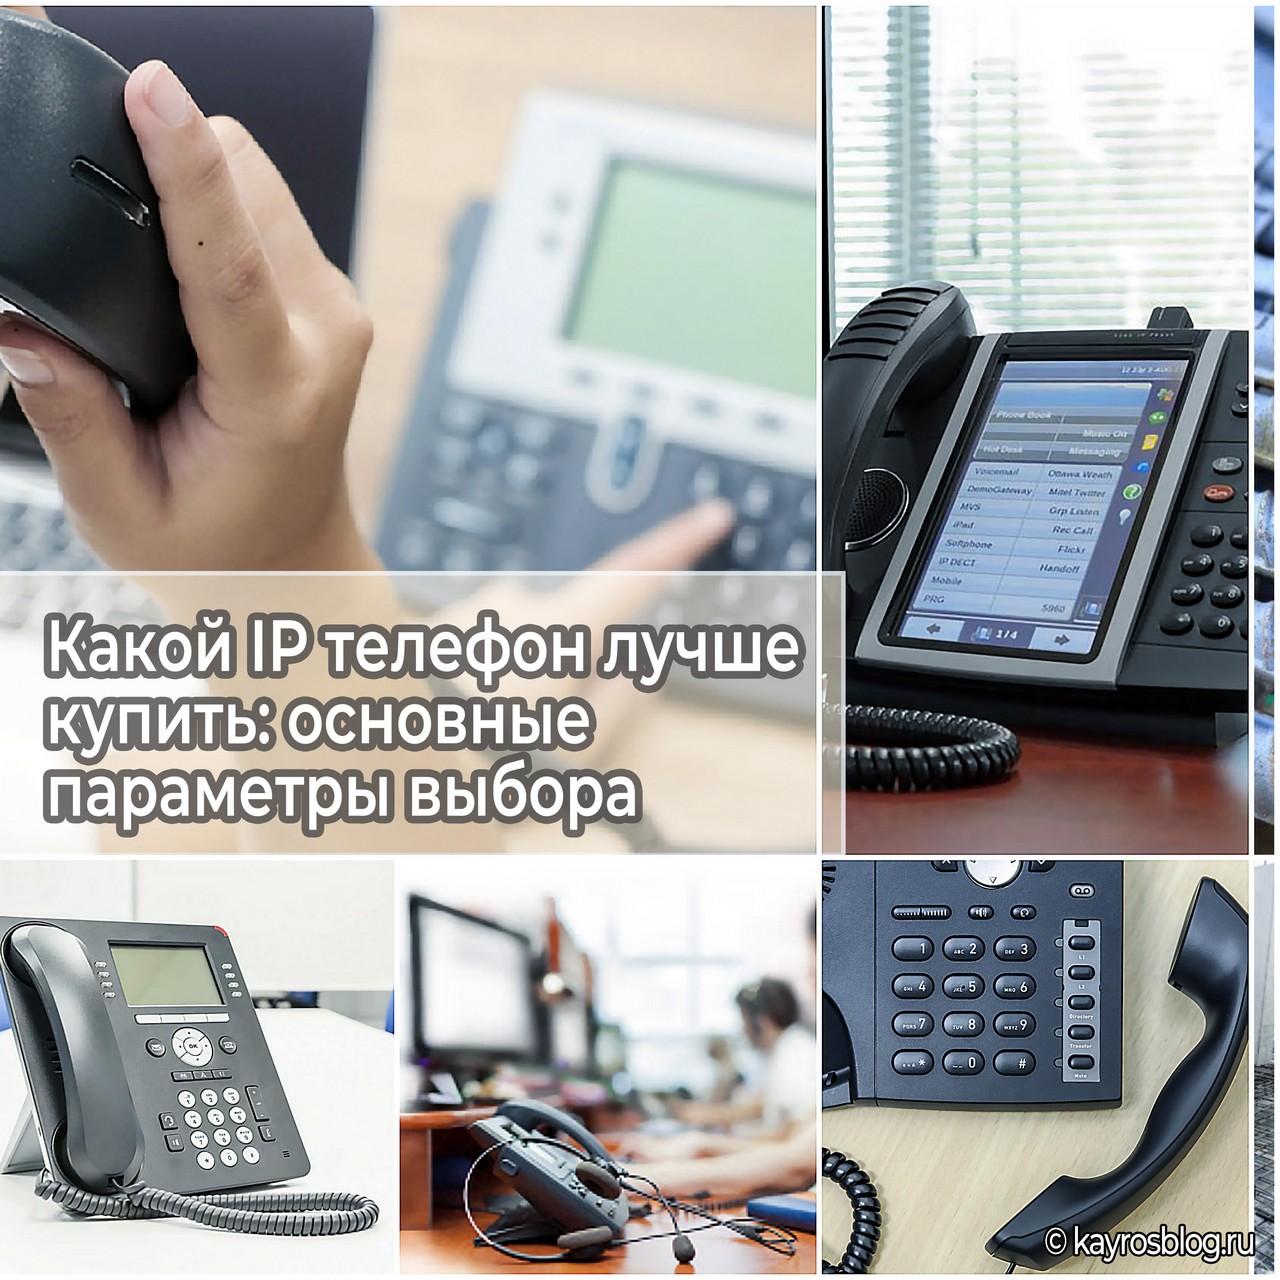 Какой IP телефон лучше купить основные параметры выбора